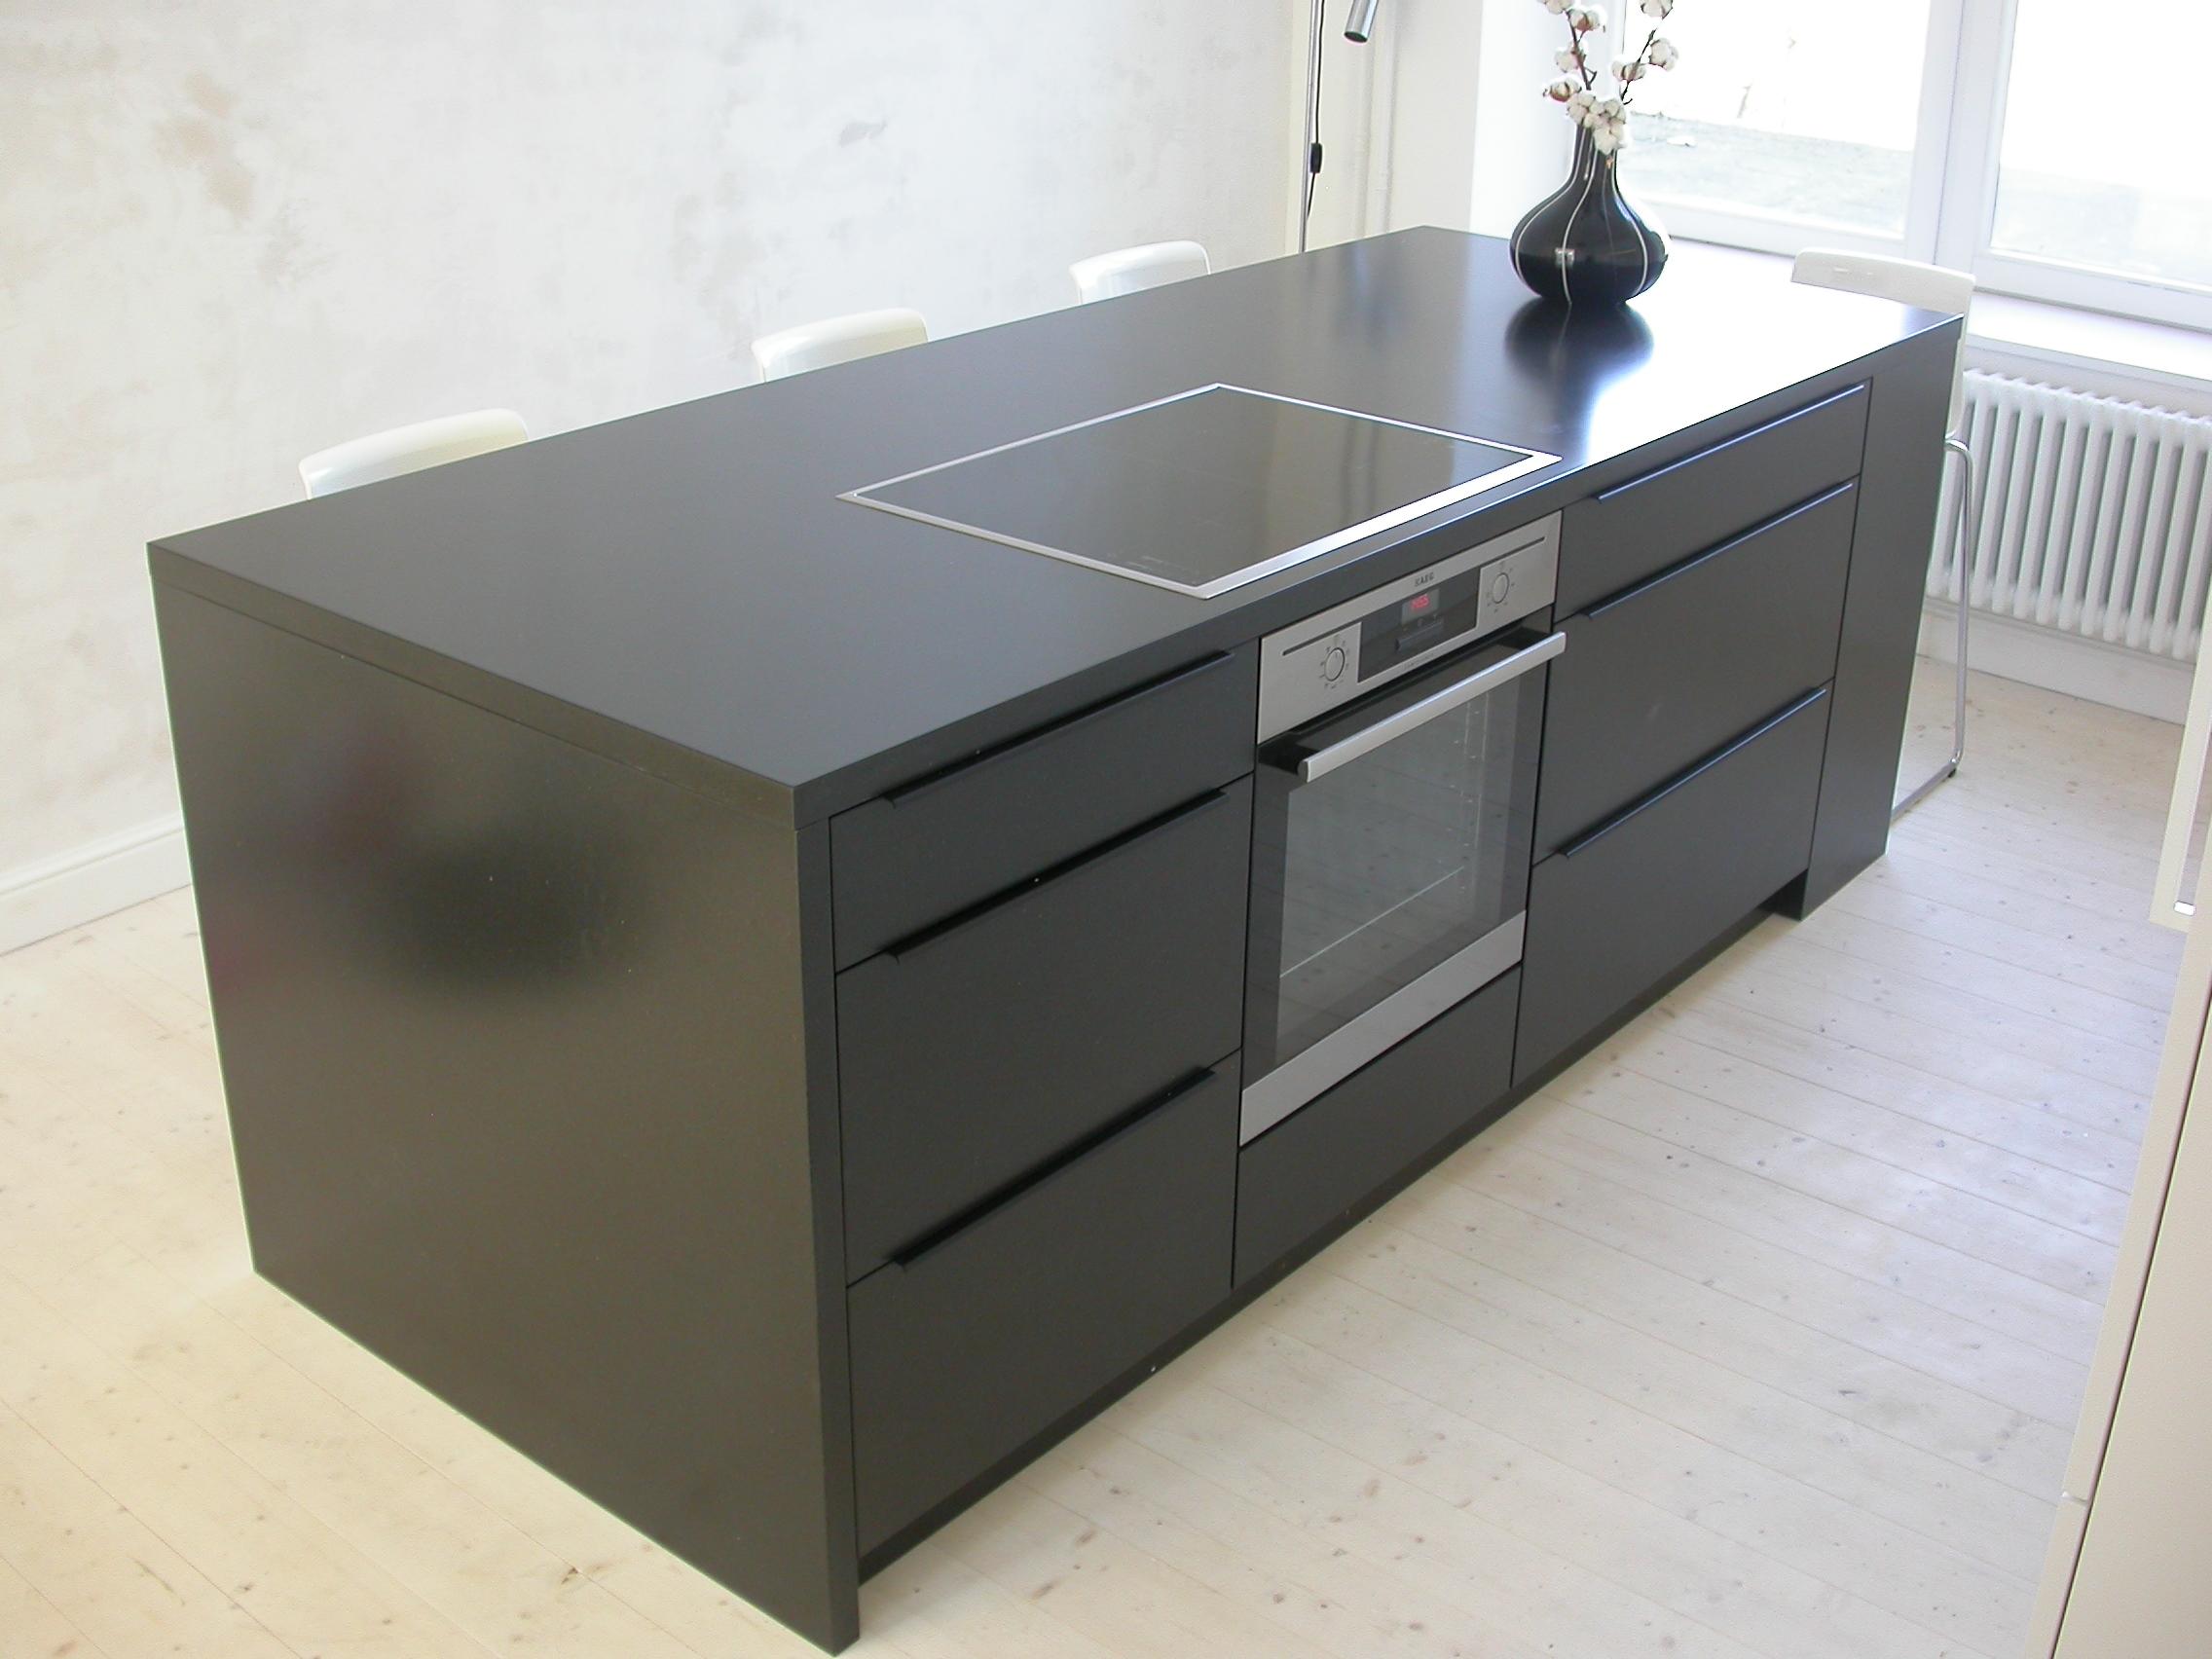 Küchenblock aus schwarzem MDF, Schubladen mit Griffleisten aus Aluminium schwarz matt.